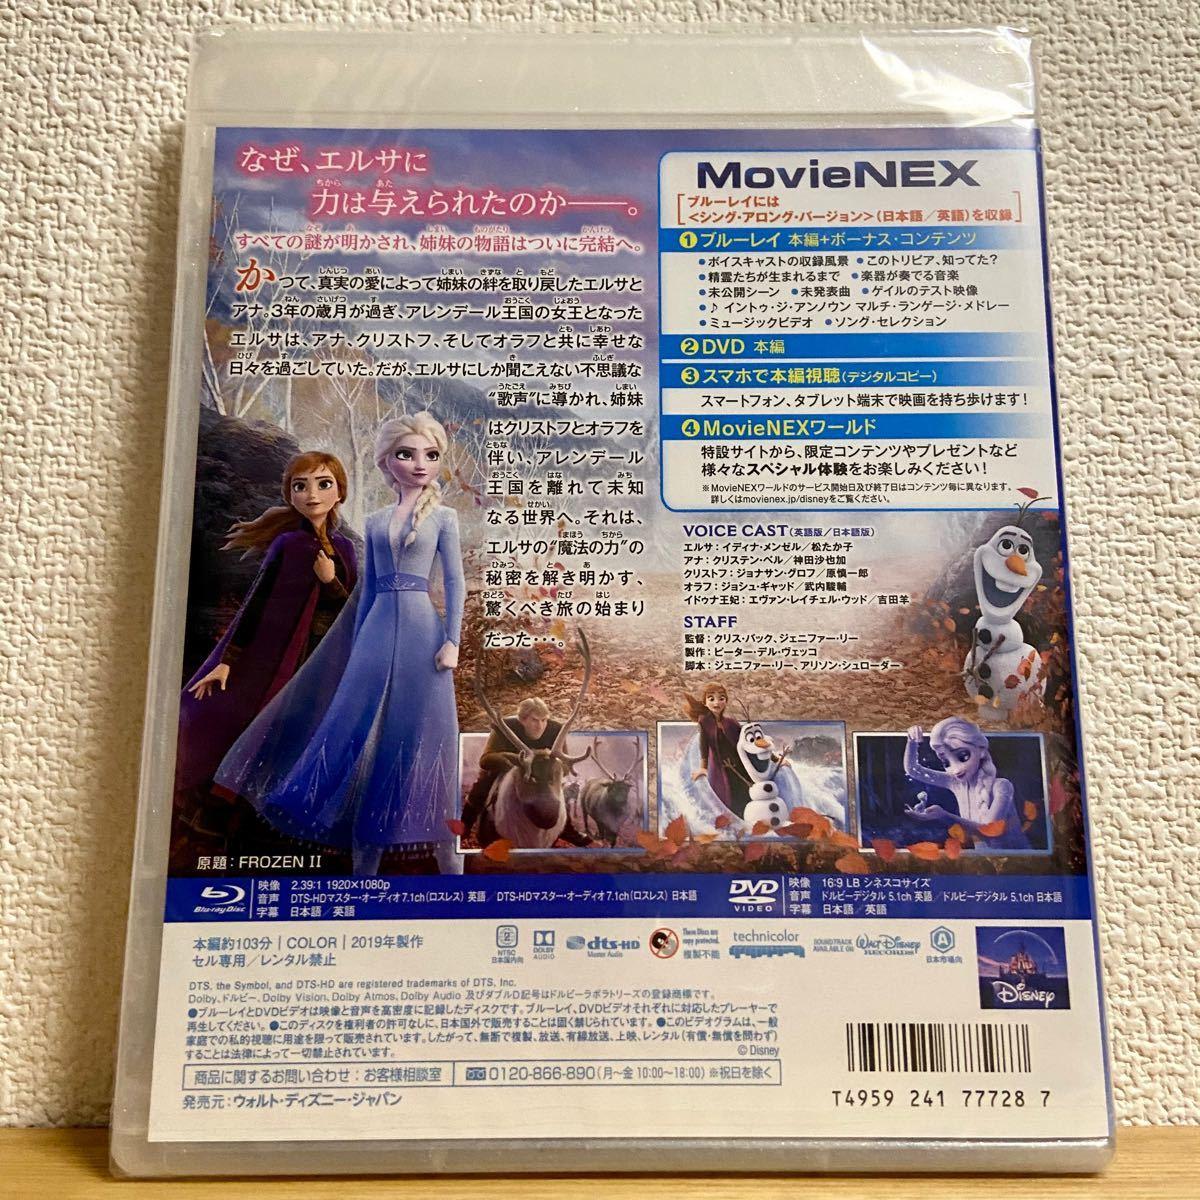 【ブルーレイ】アナと雪の女王2 MovieNEX ブルーレイ+純正ケース